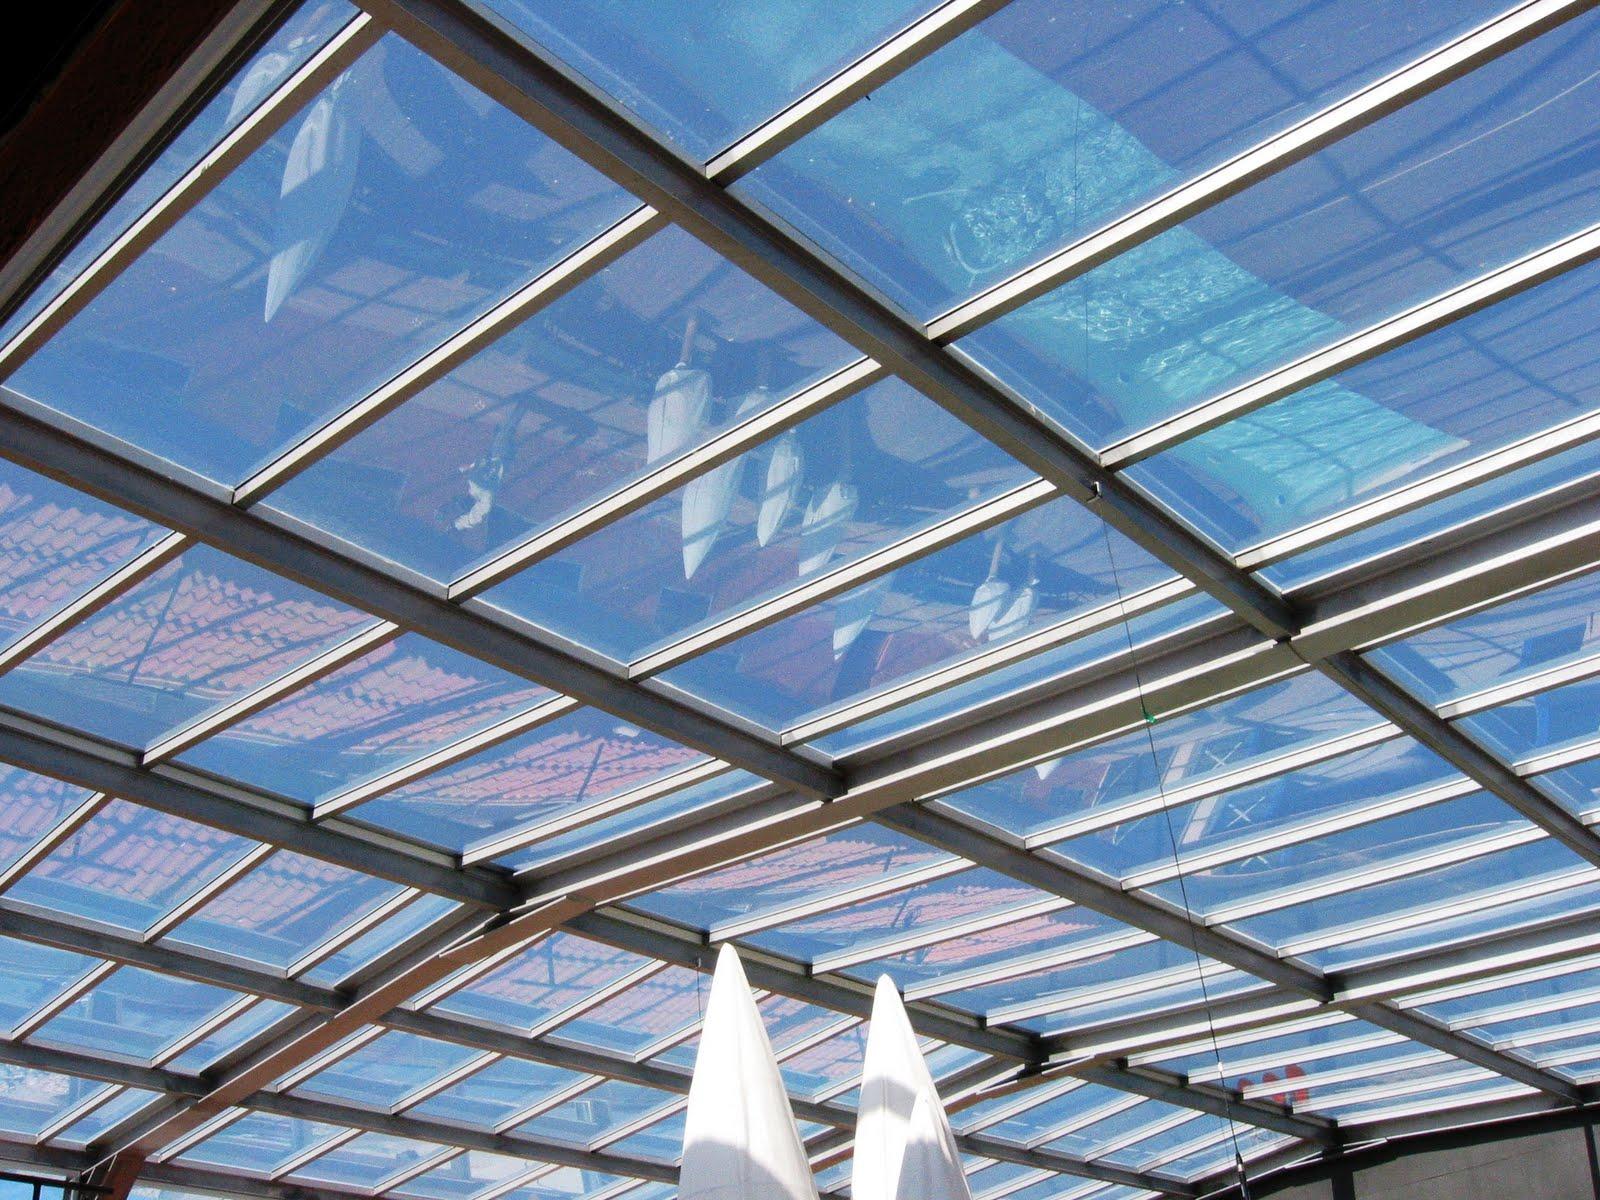 Detalle de una estructura de hierro tratado para techo de cristal en guadalix de la sierra - Estructuras de metal ...